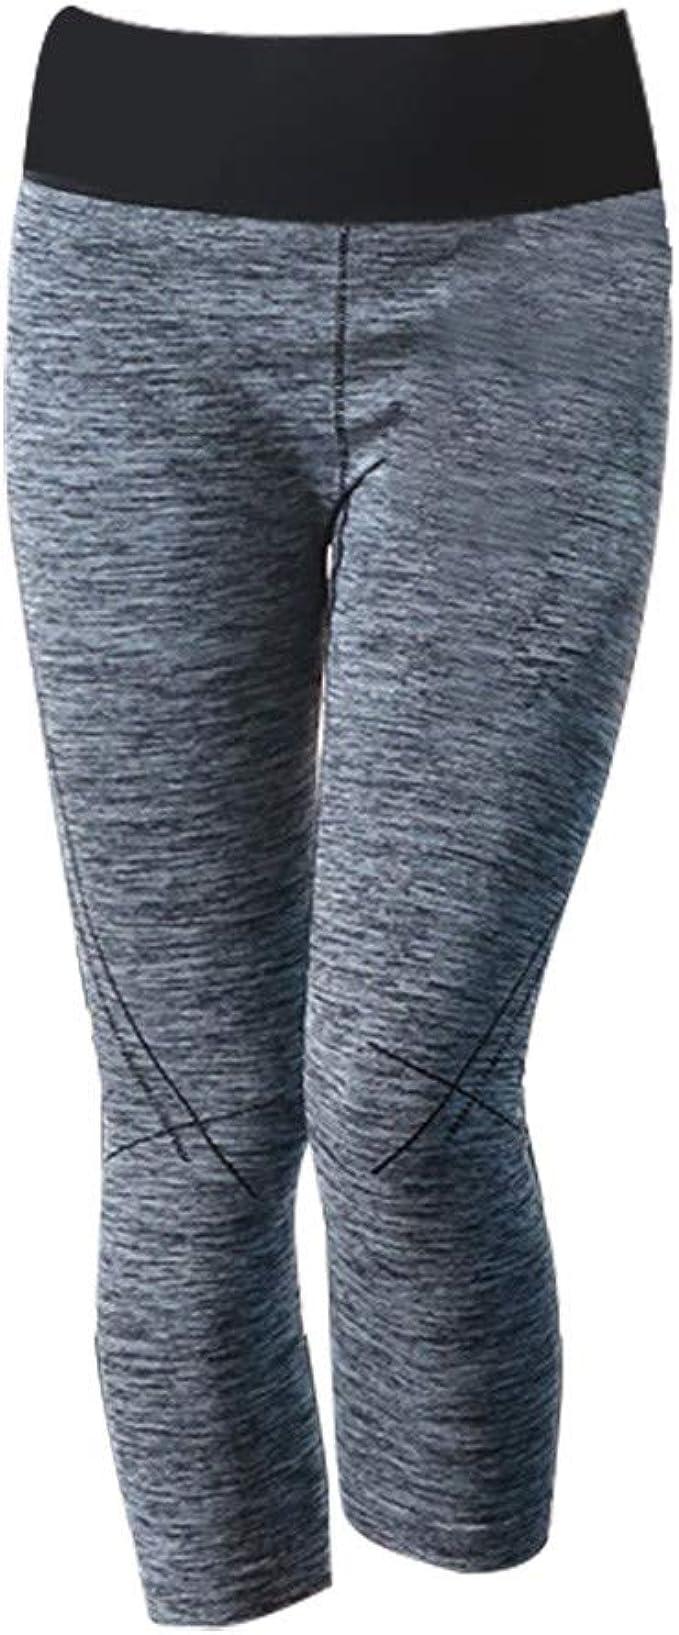 Pantalones de Ajustados A La Rodilla Mujeres Rodilleras para Mujer ...